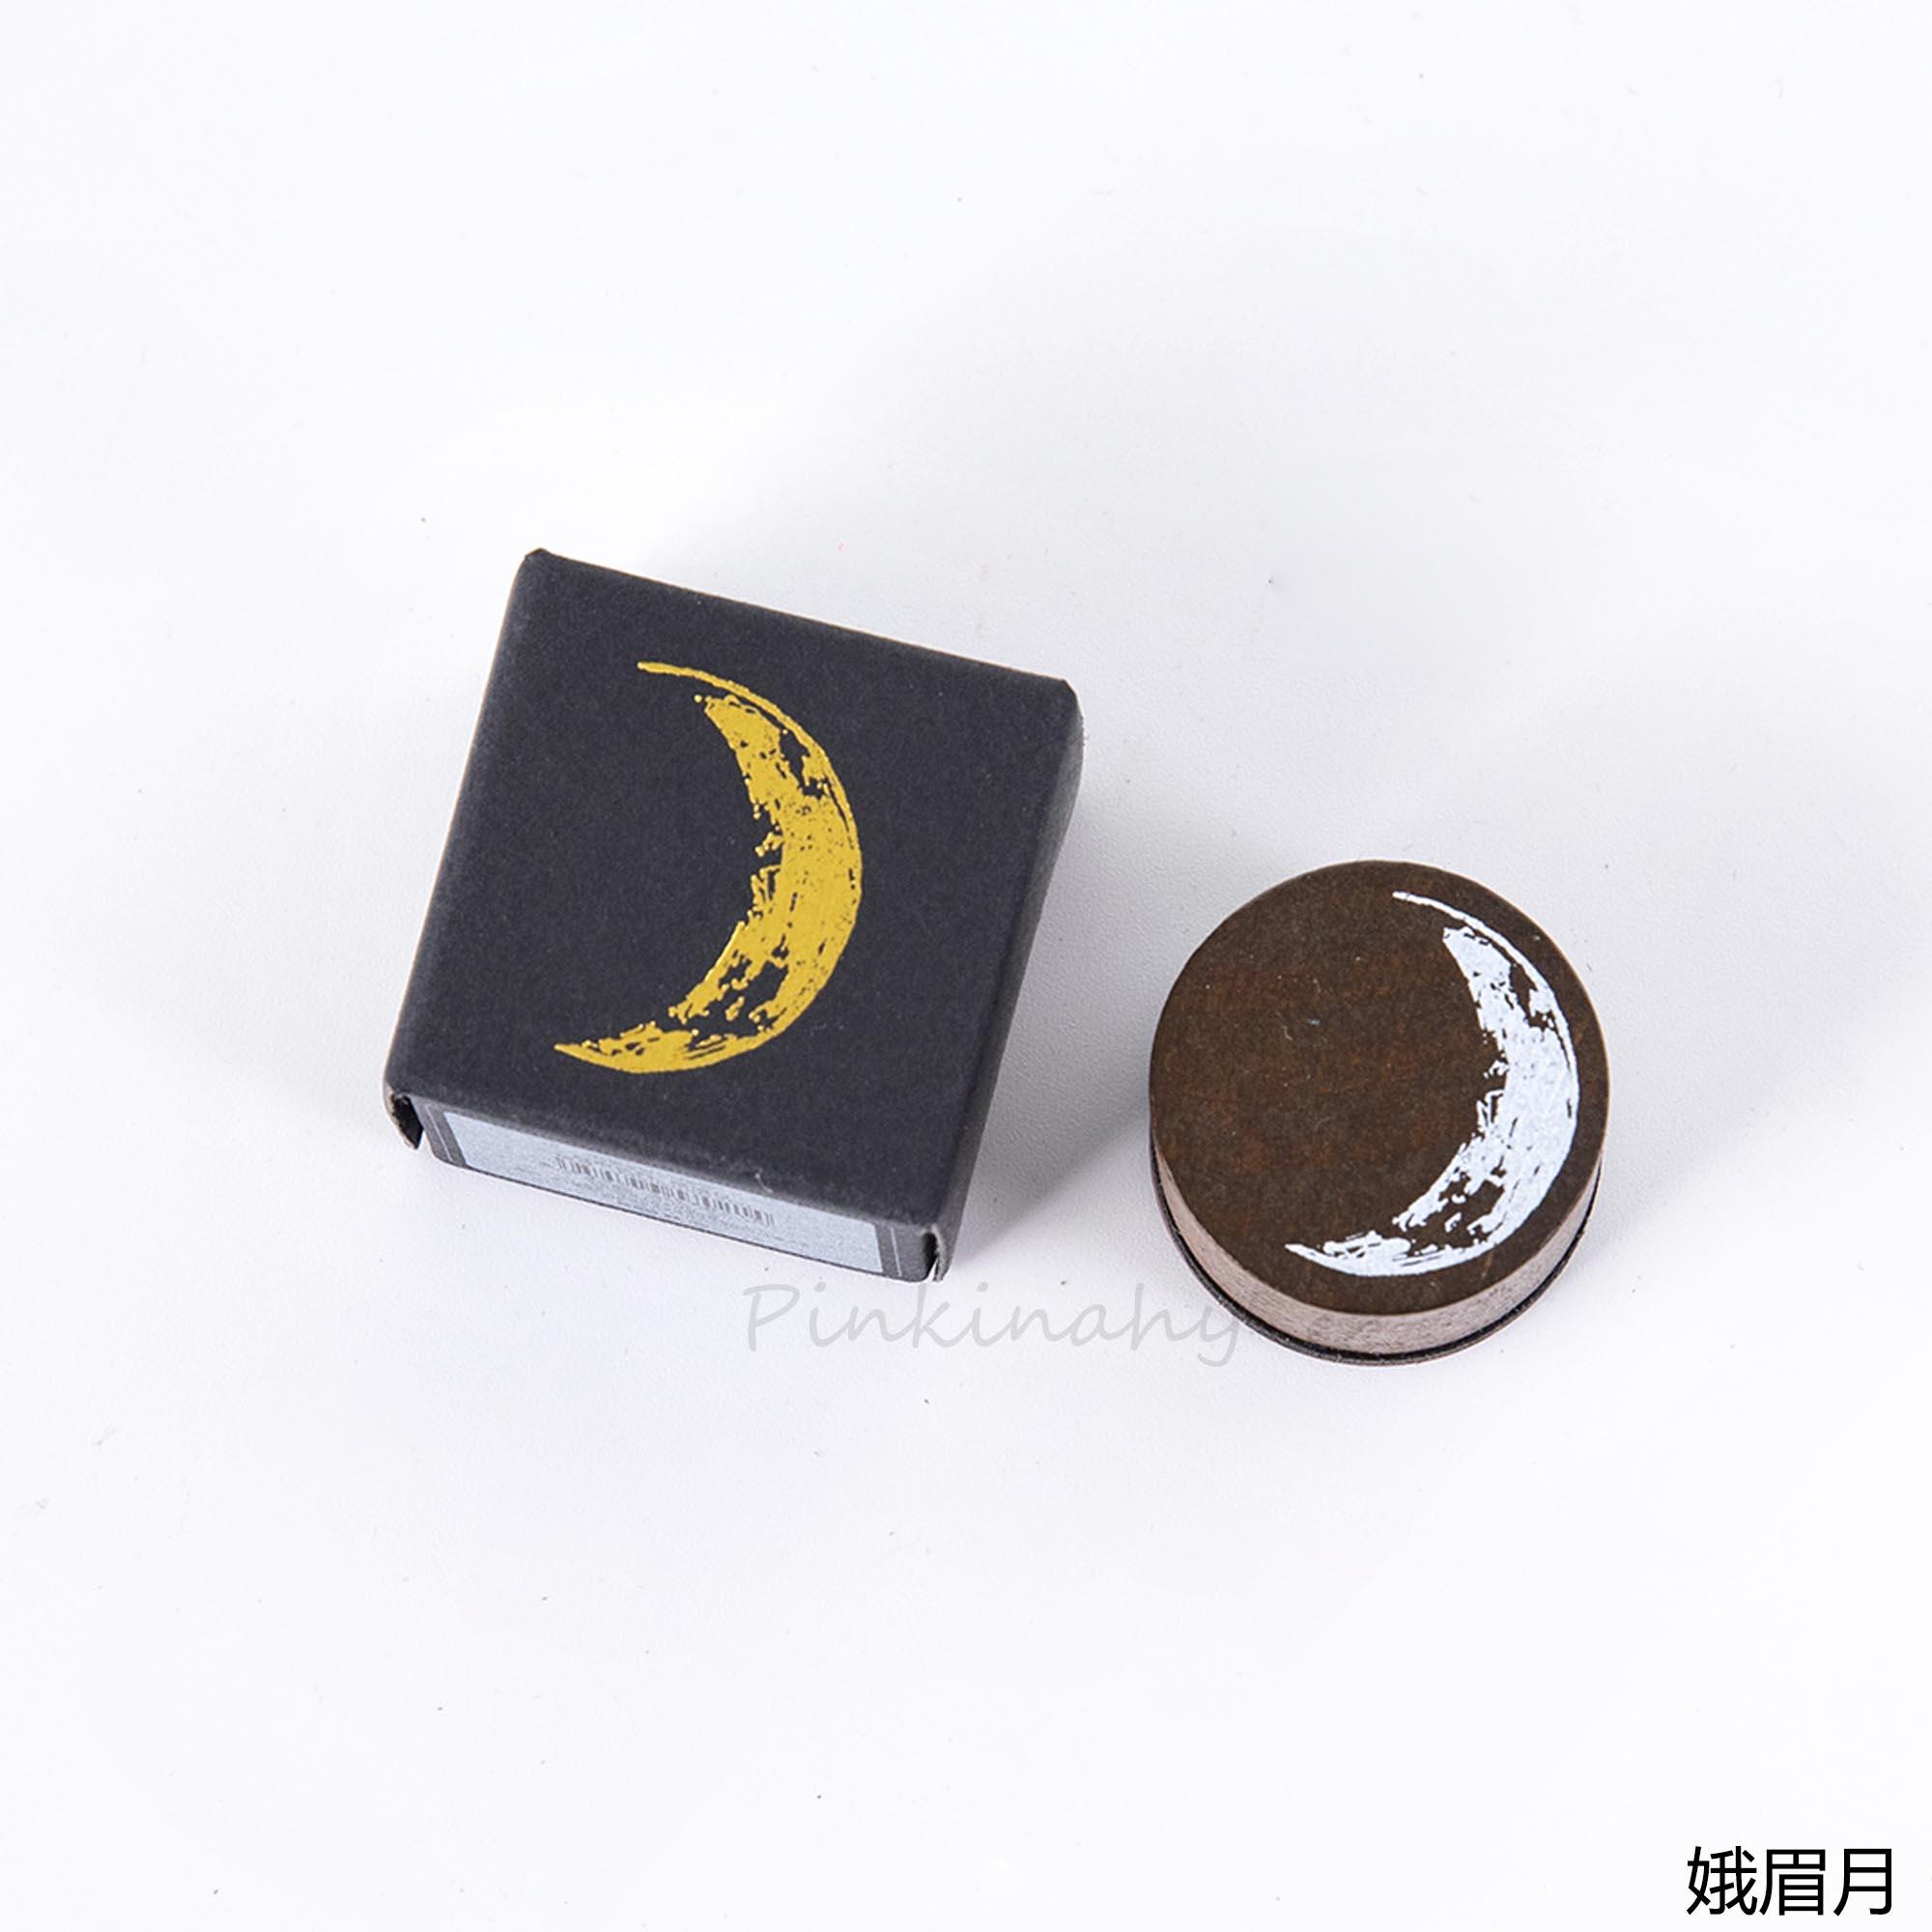 Винтажные фазы Луны планеты круглое уплотнение DIY Деревянные и резиновые штампы для скрапбукинга канцелярские товары Скрапбукинг Стандартный штамп - Цвет: 2